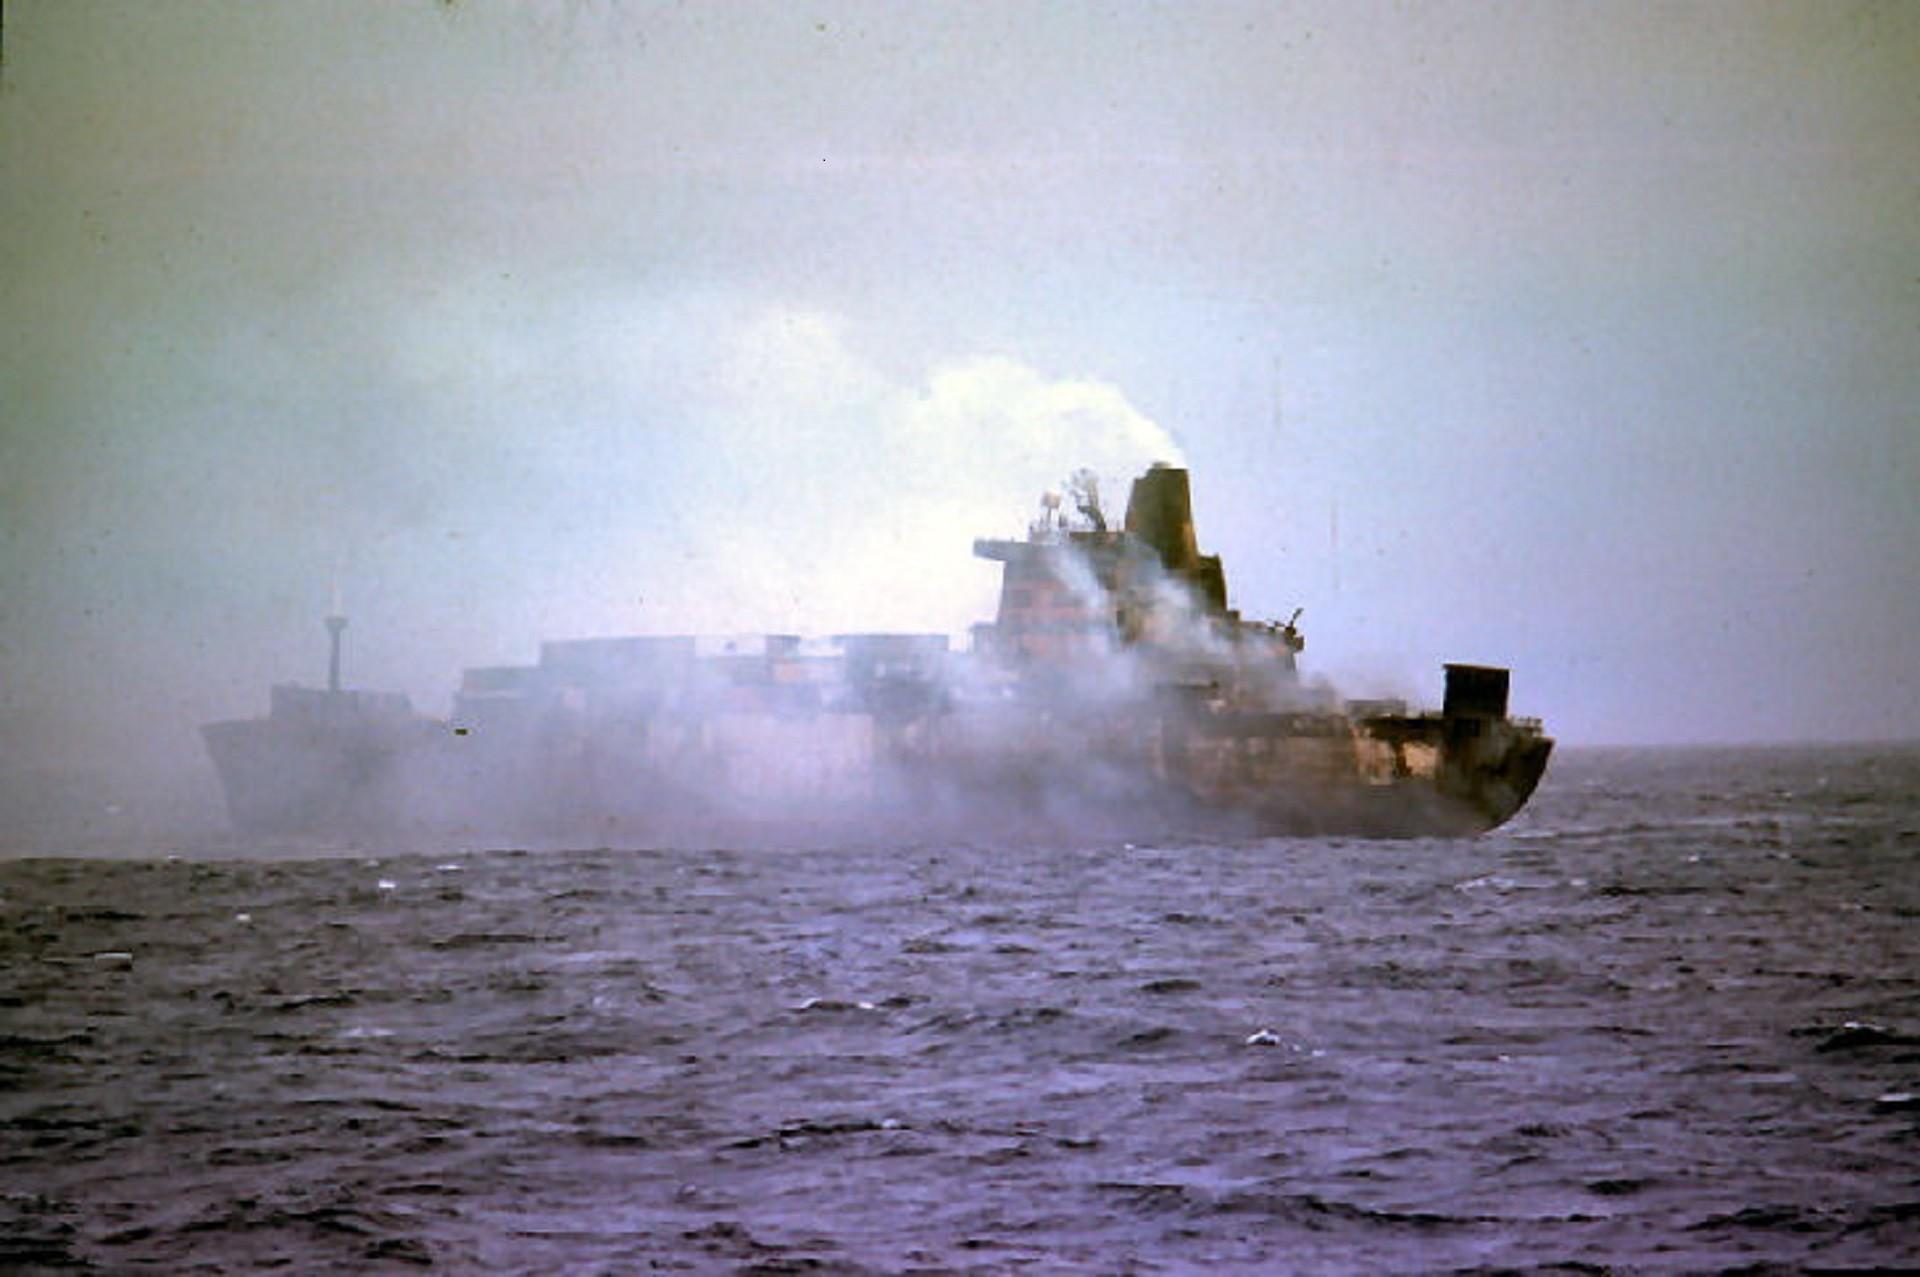 El Atlantic Conveyor, tras ser impactado por misiles.